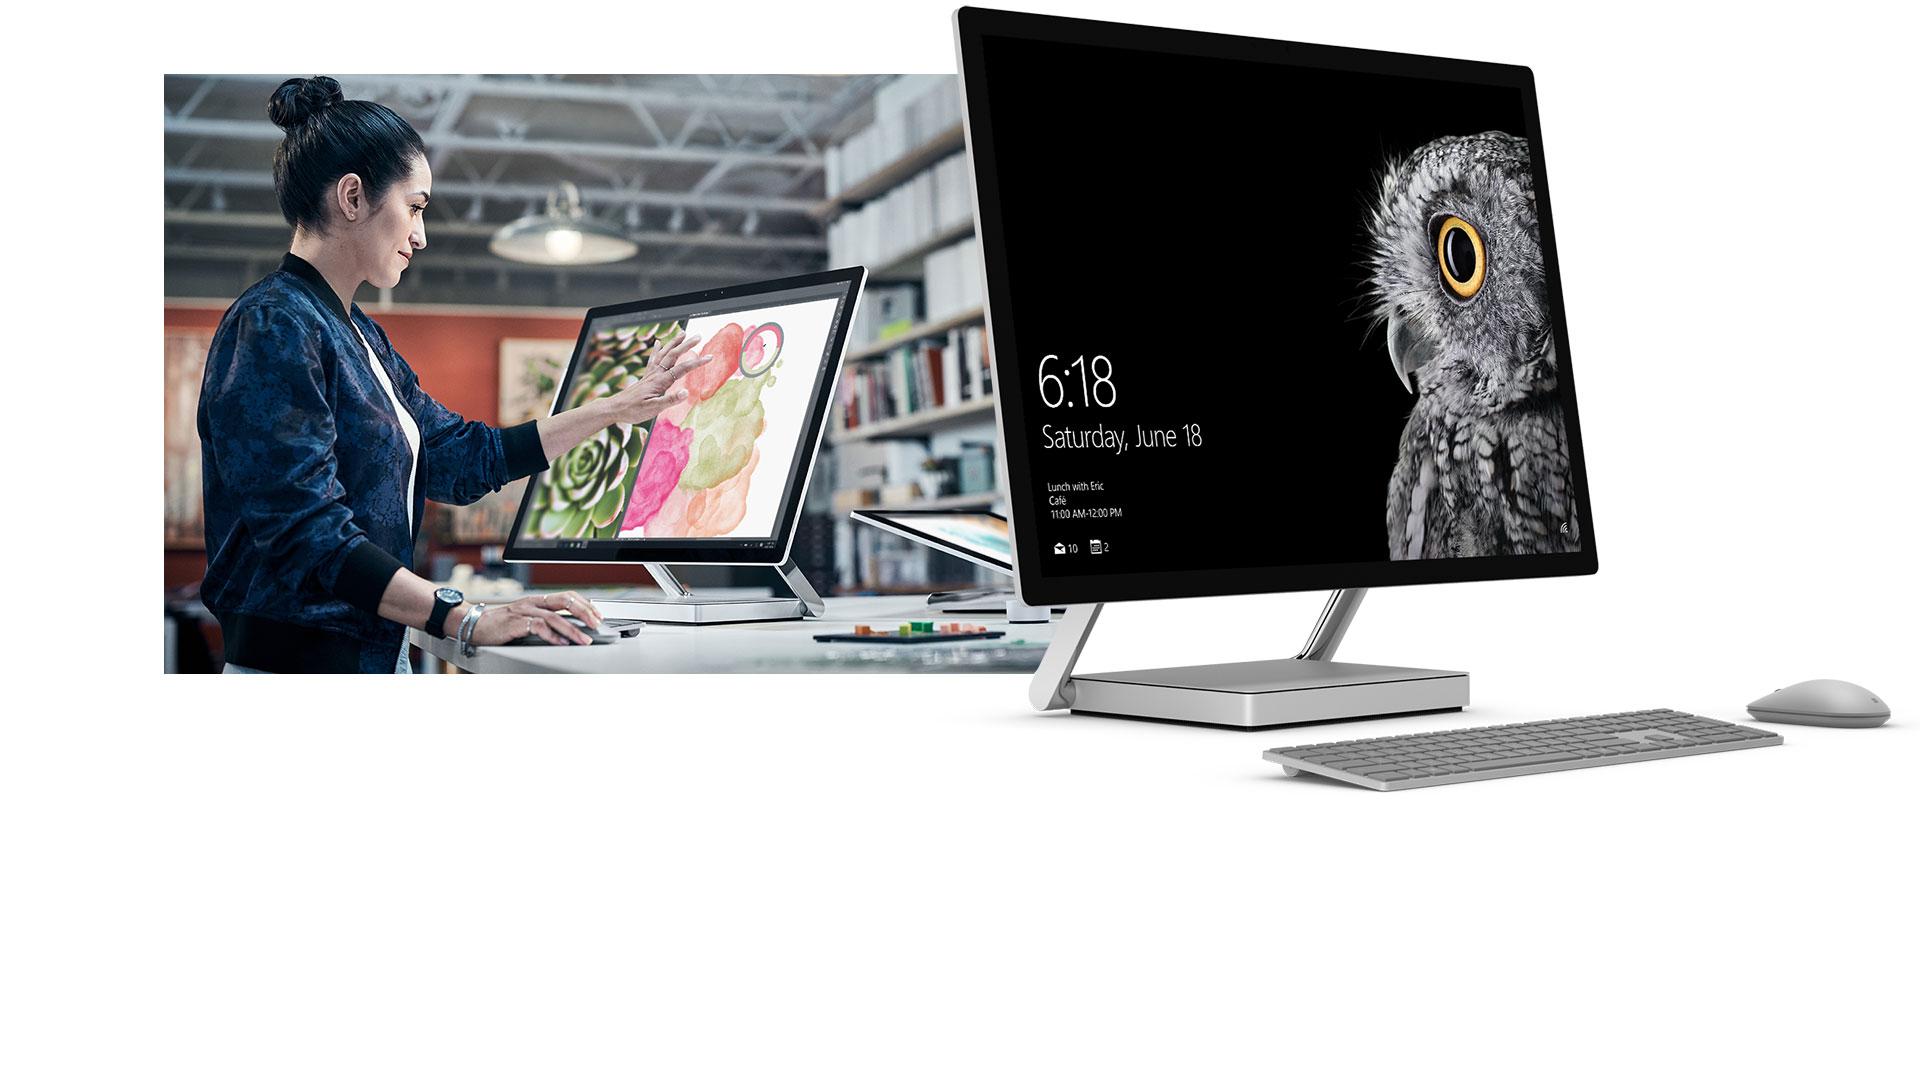 女性が Surface Studio のディスプレイをデスクトップ モードで Surface Studio の製品の隣で操作している